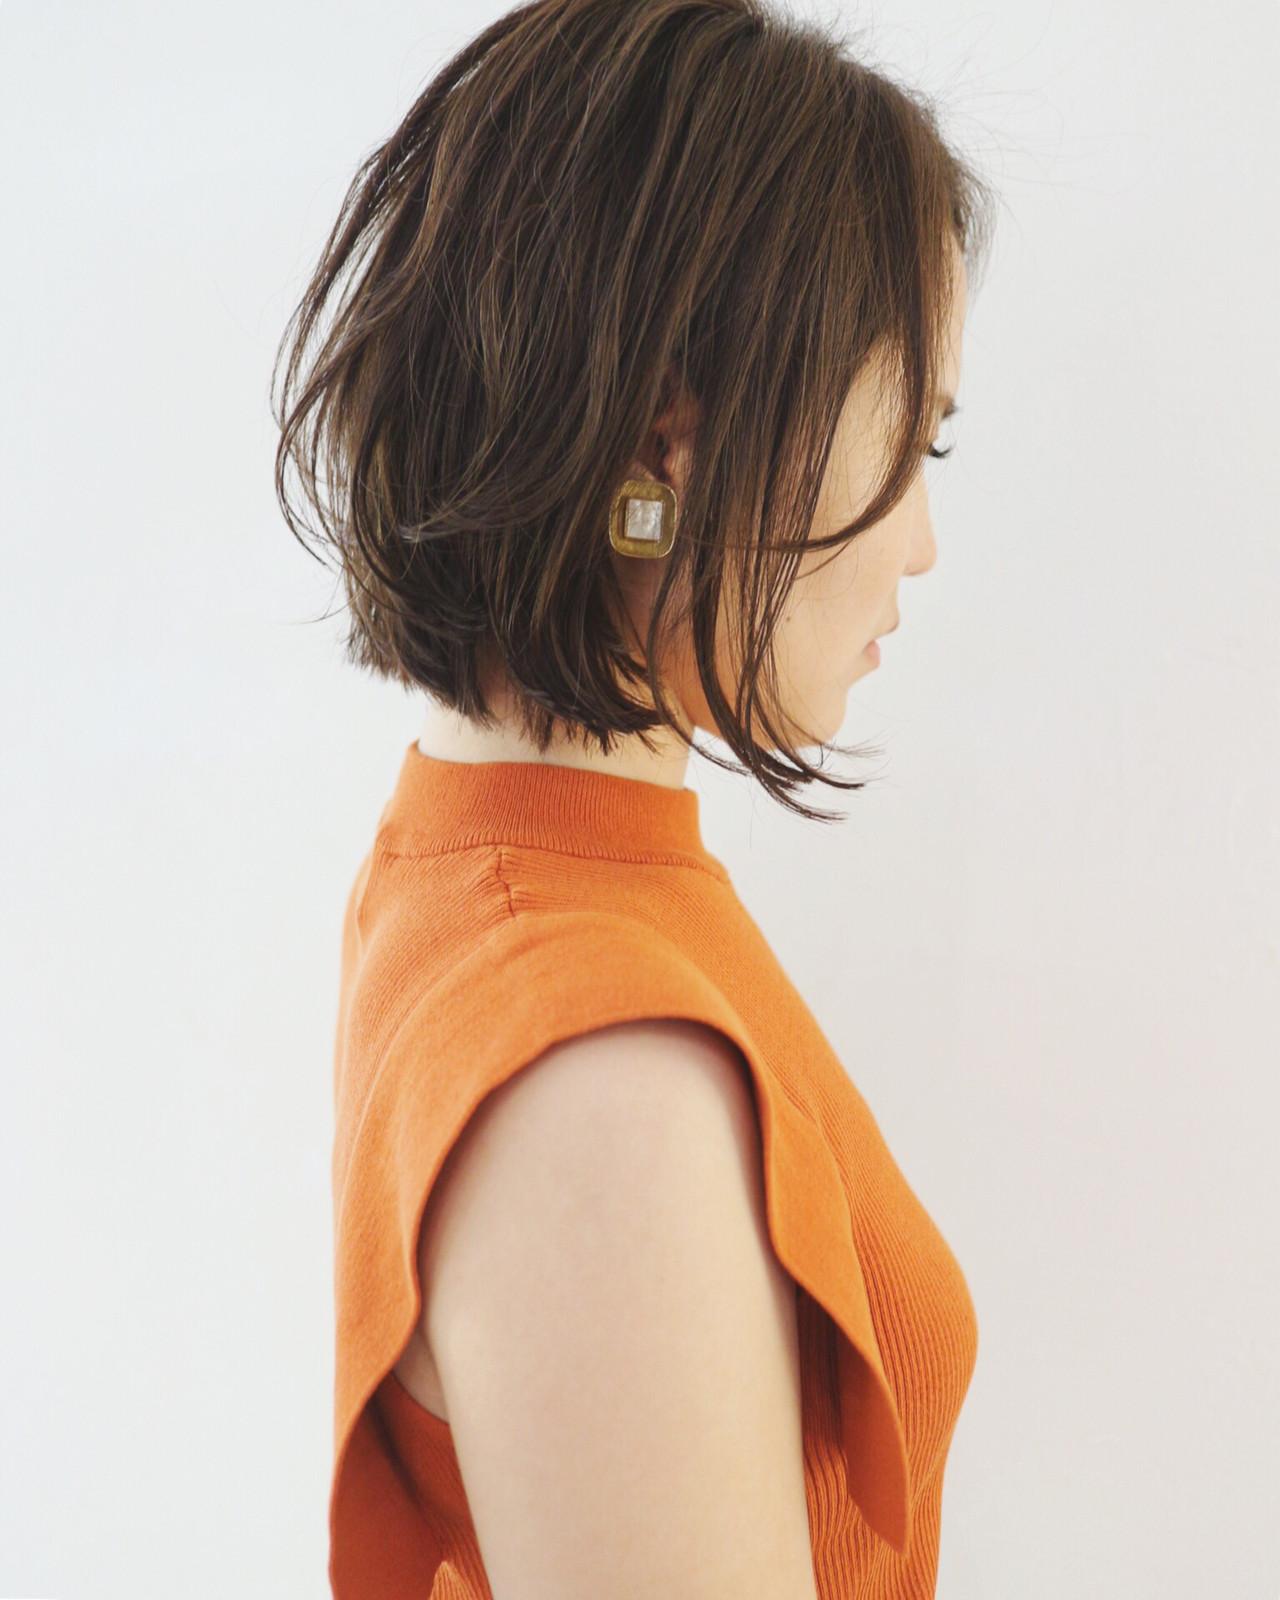 ボブ 外ハネボブ パーマ ミニボブ ヘアスタイルや髪型の写真・画像 | 三好 佳奈美 / Baco.(バコ)